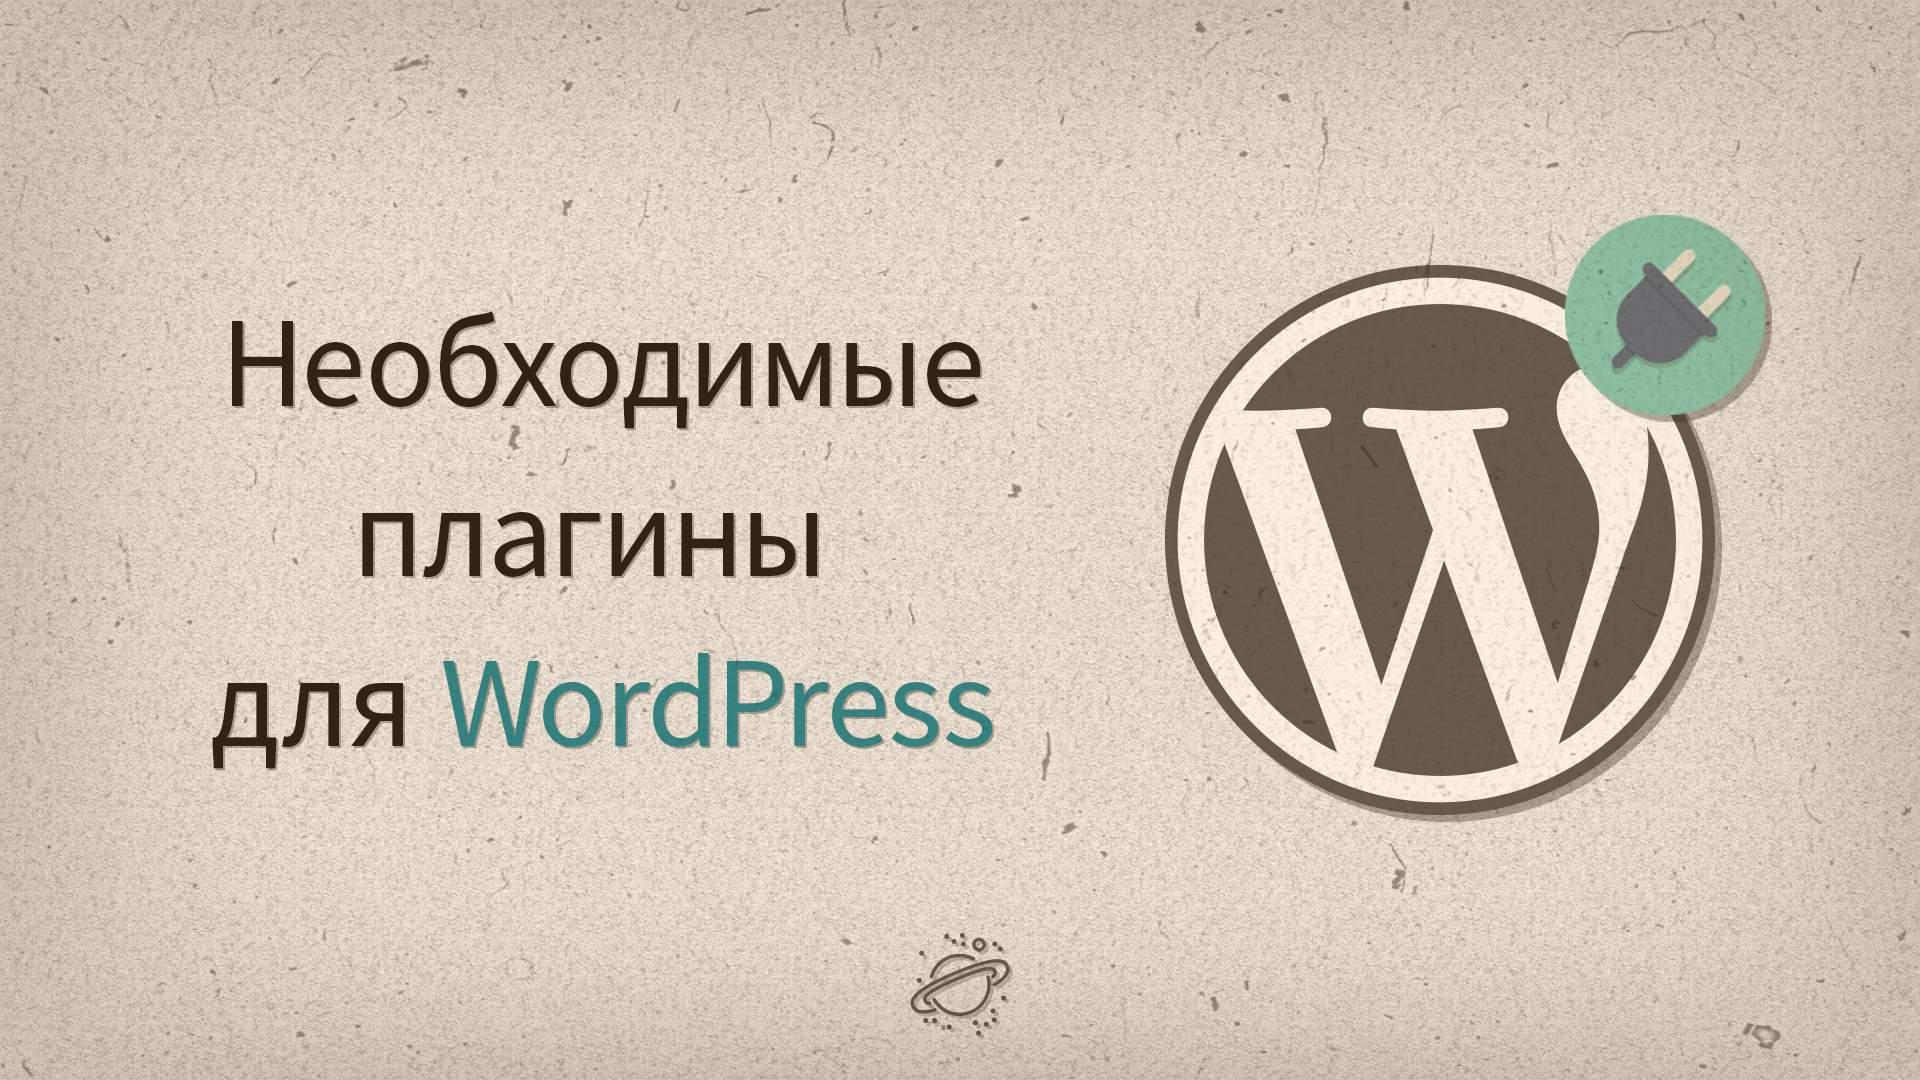 WordPress — обзор необходимых бесплатных плагинов